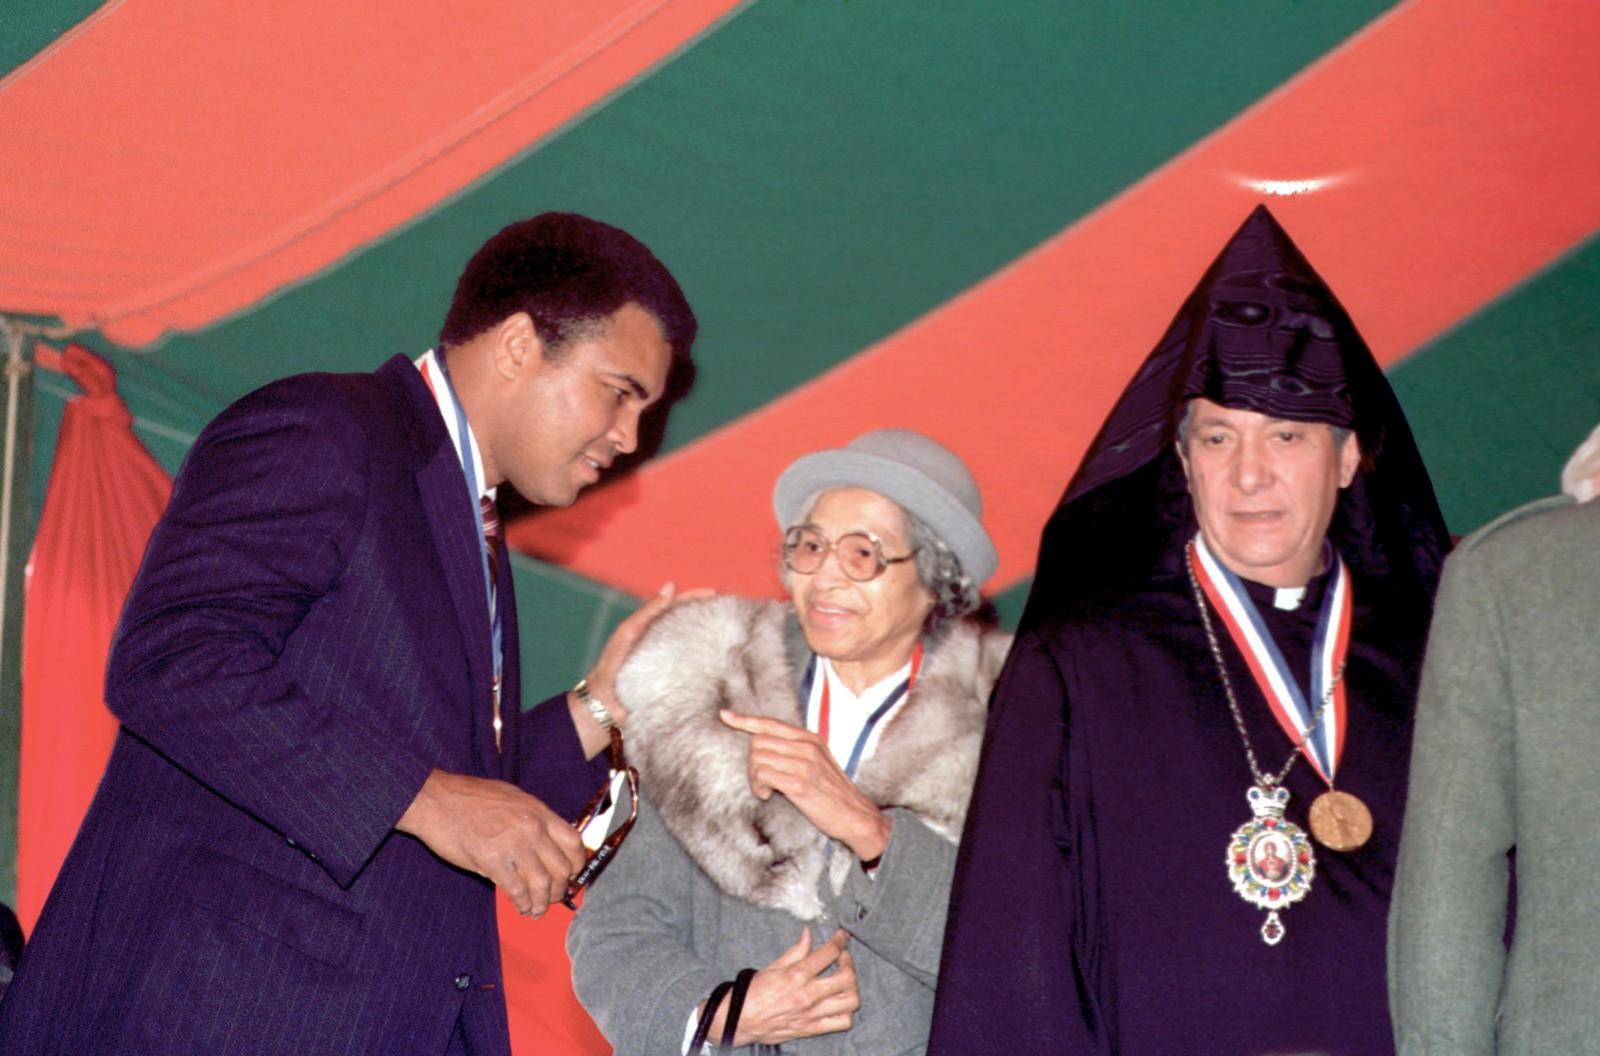 Menneskerettighetsaktivist Rosa Parks, sammen med Muhammad Ali og Torkom Manoogian, erkebiskop av den armenske kirke, etter at de mottok Ellis Island Medal of Honor på Ellis Island iNew York, tirsdag, 28. oktober 1986. De tre er blant 80 mottakere som fikk prisen for sitt bidrag til nasjonens arv av etnisk mangfold.